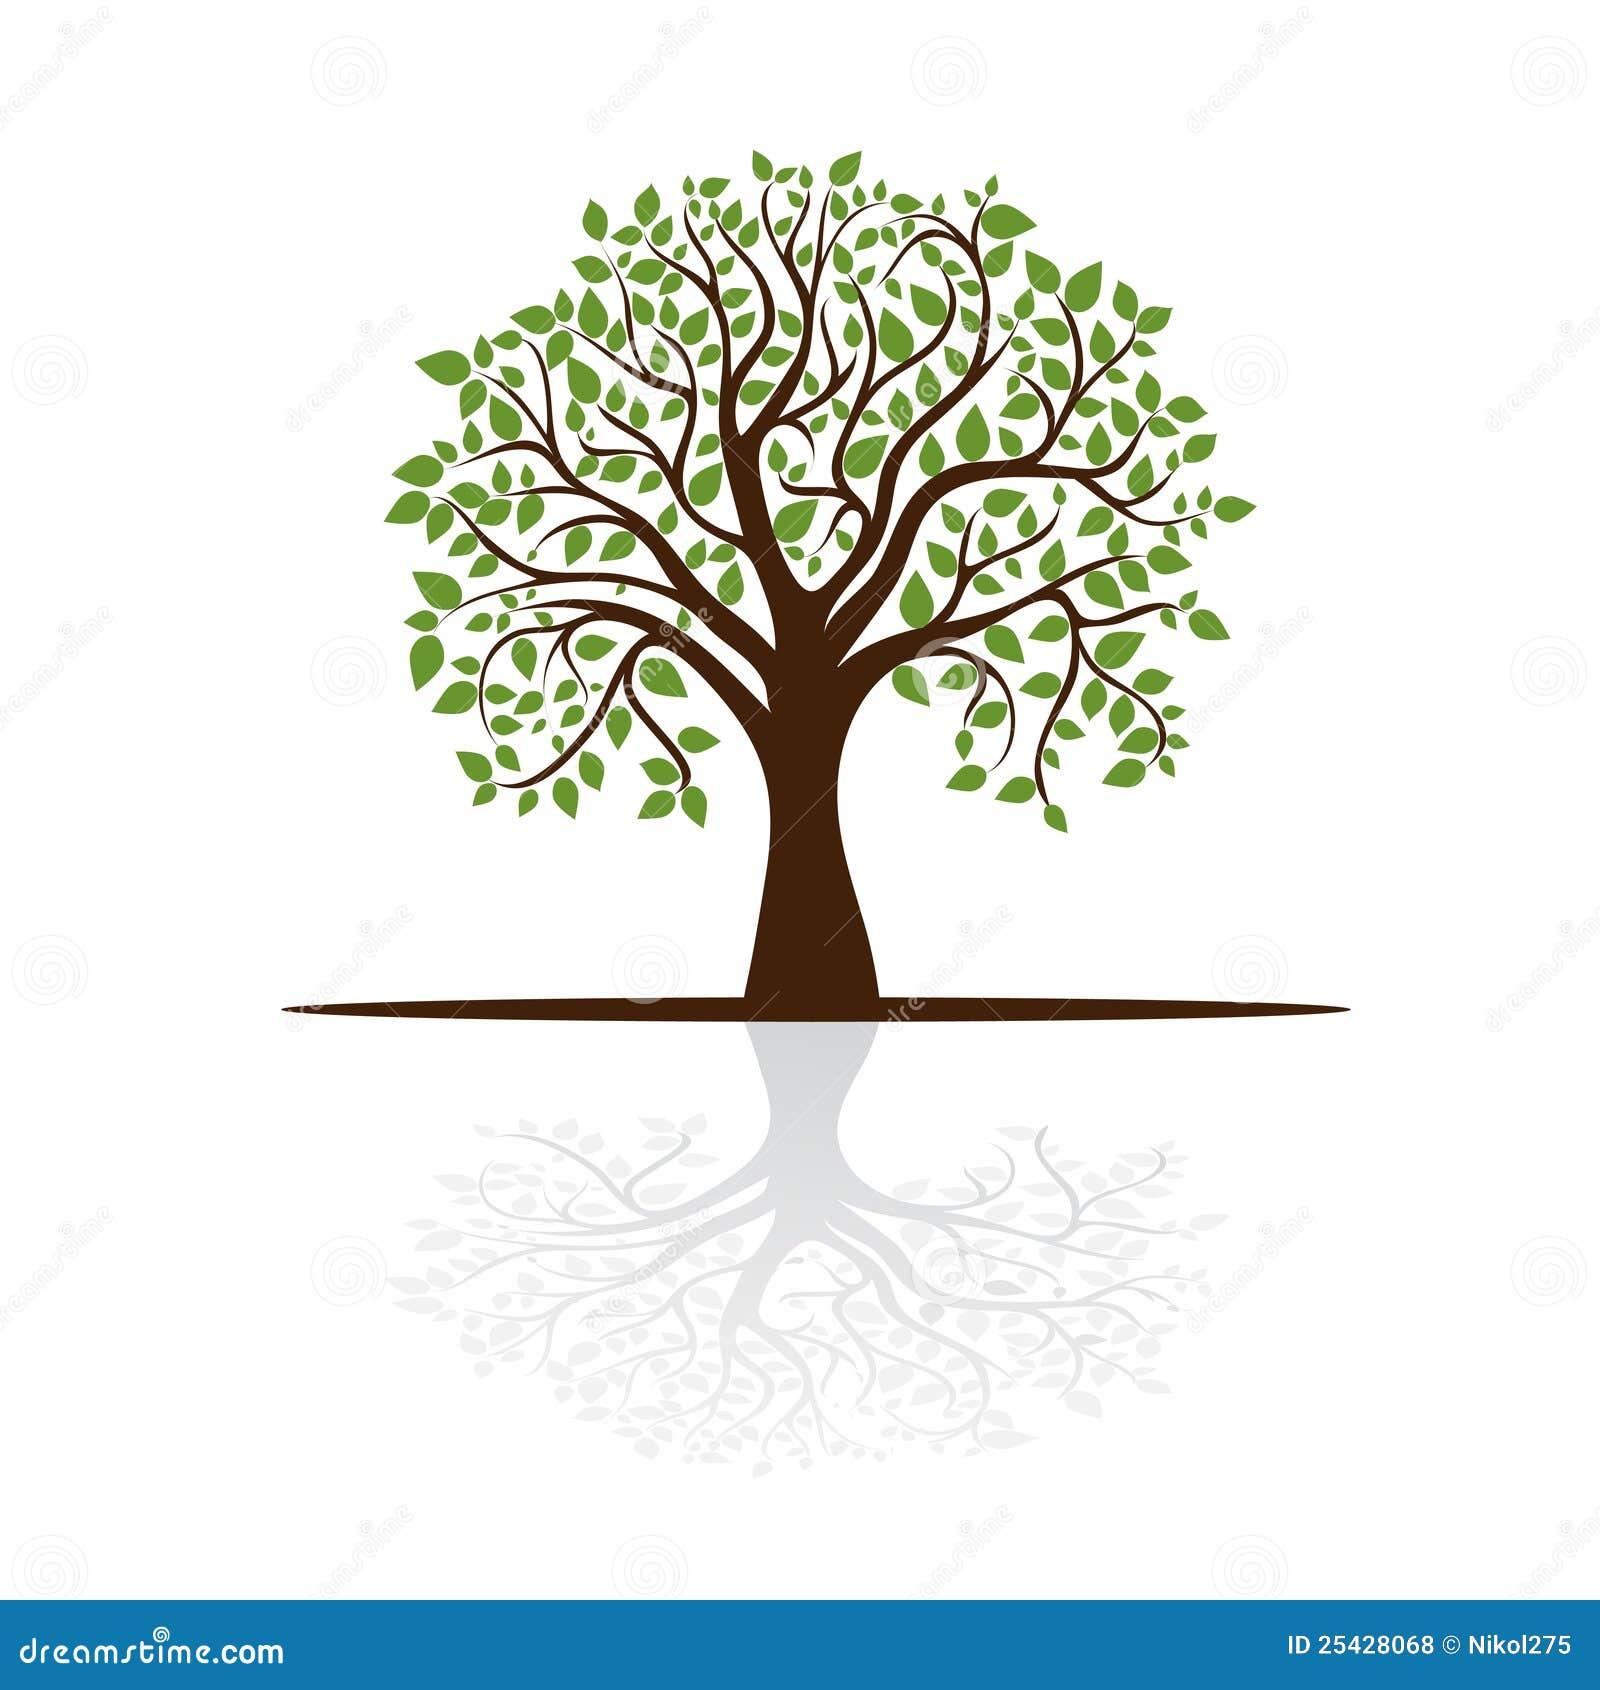 树的组成部分吗图片